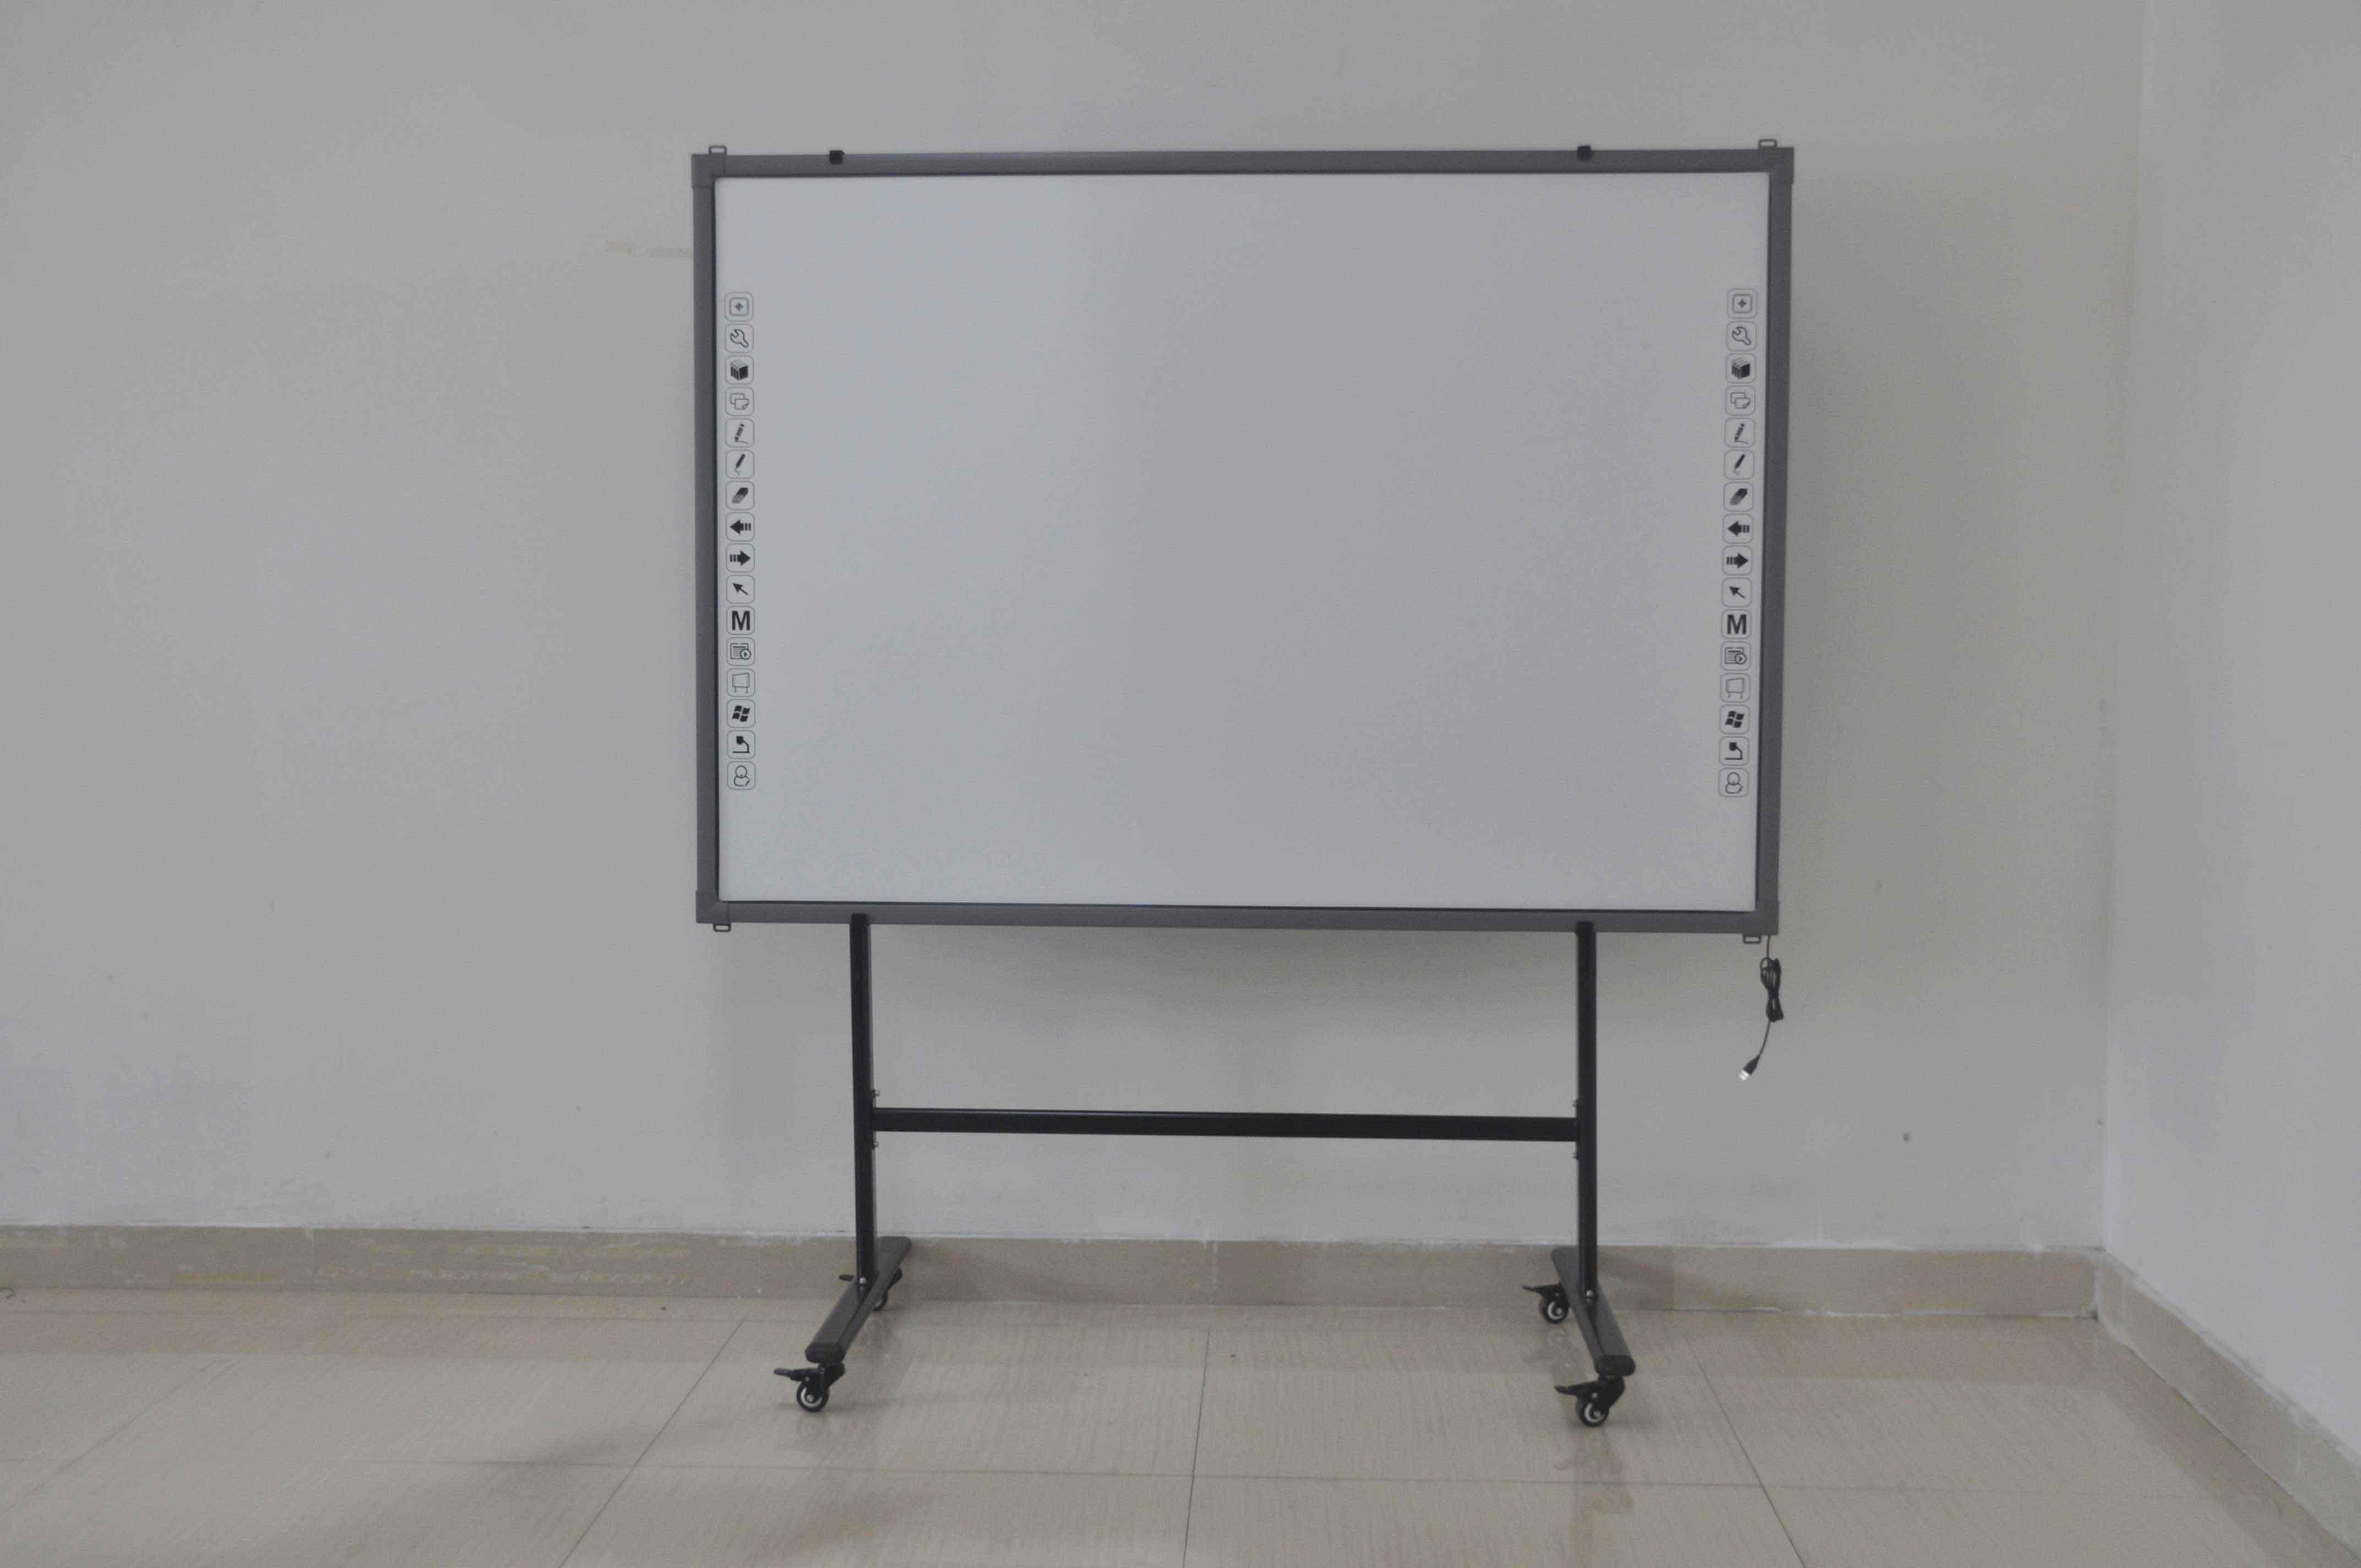 实用的红外电子白板推荐|电子白板厂家